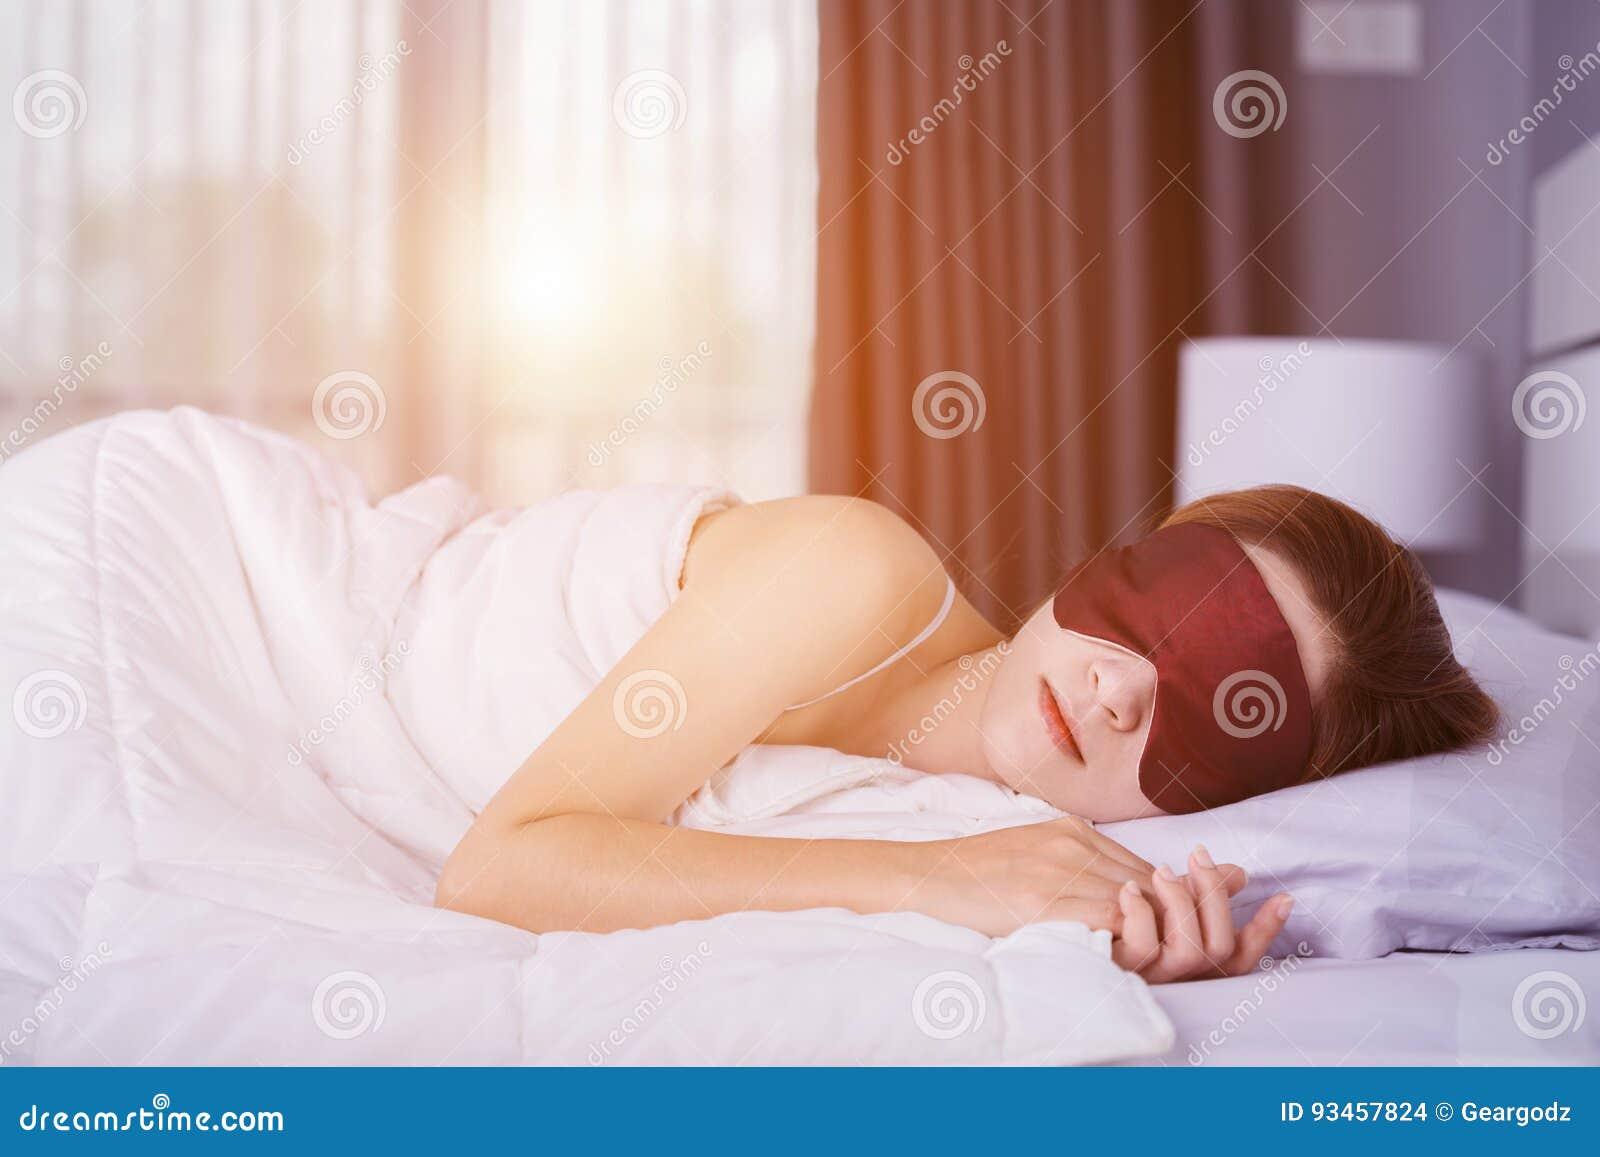 στο κρεβάτι